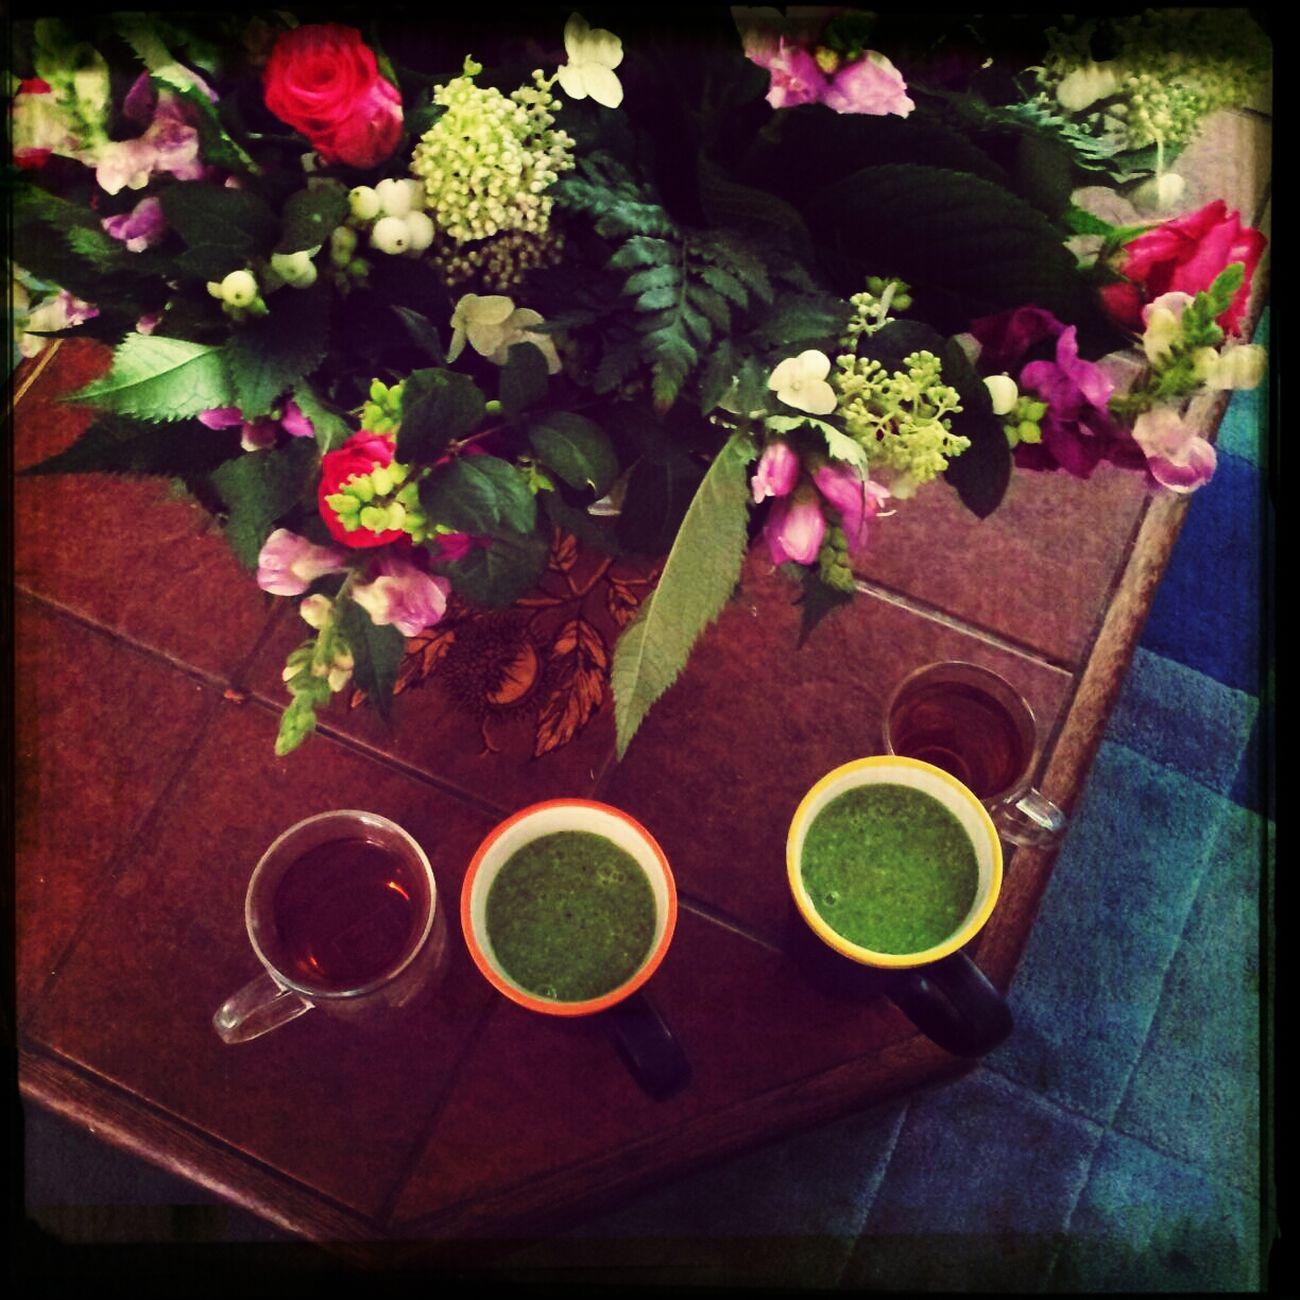 Begin de dag met een lach, met degene die je lief is en met een hulkshake, een kopje thee, onder een mooie bos bloemen die bij thuiskomst in de kamer stond als cadeau van onze lieve vrienden (Jos en Marjoleine) voor ons 25-jarig huwelijk.